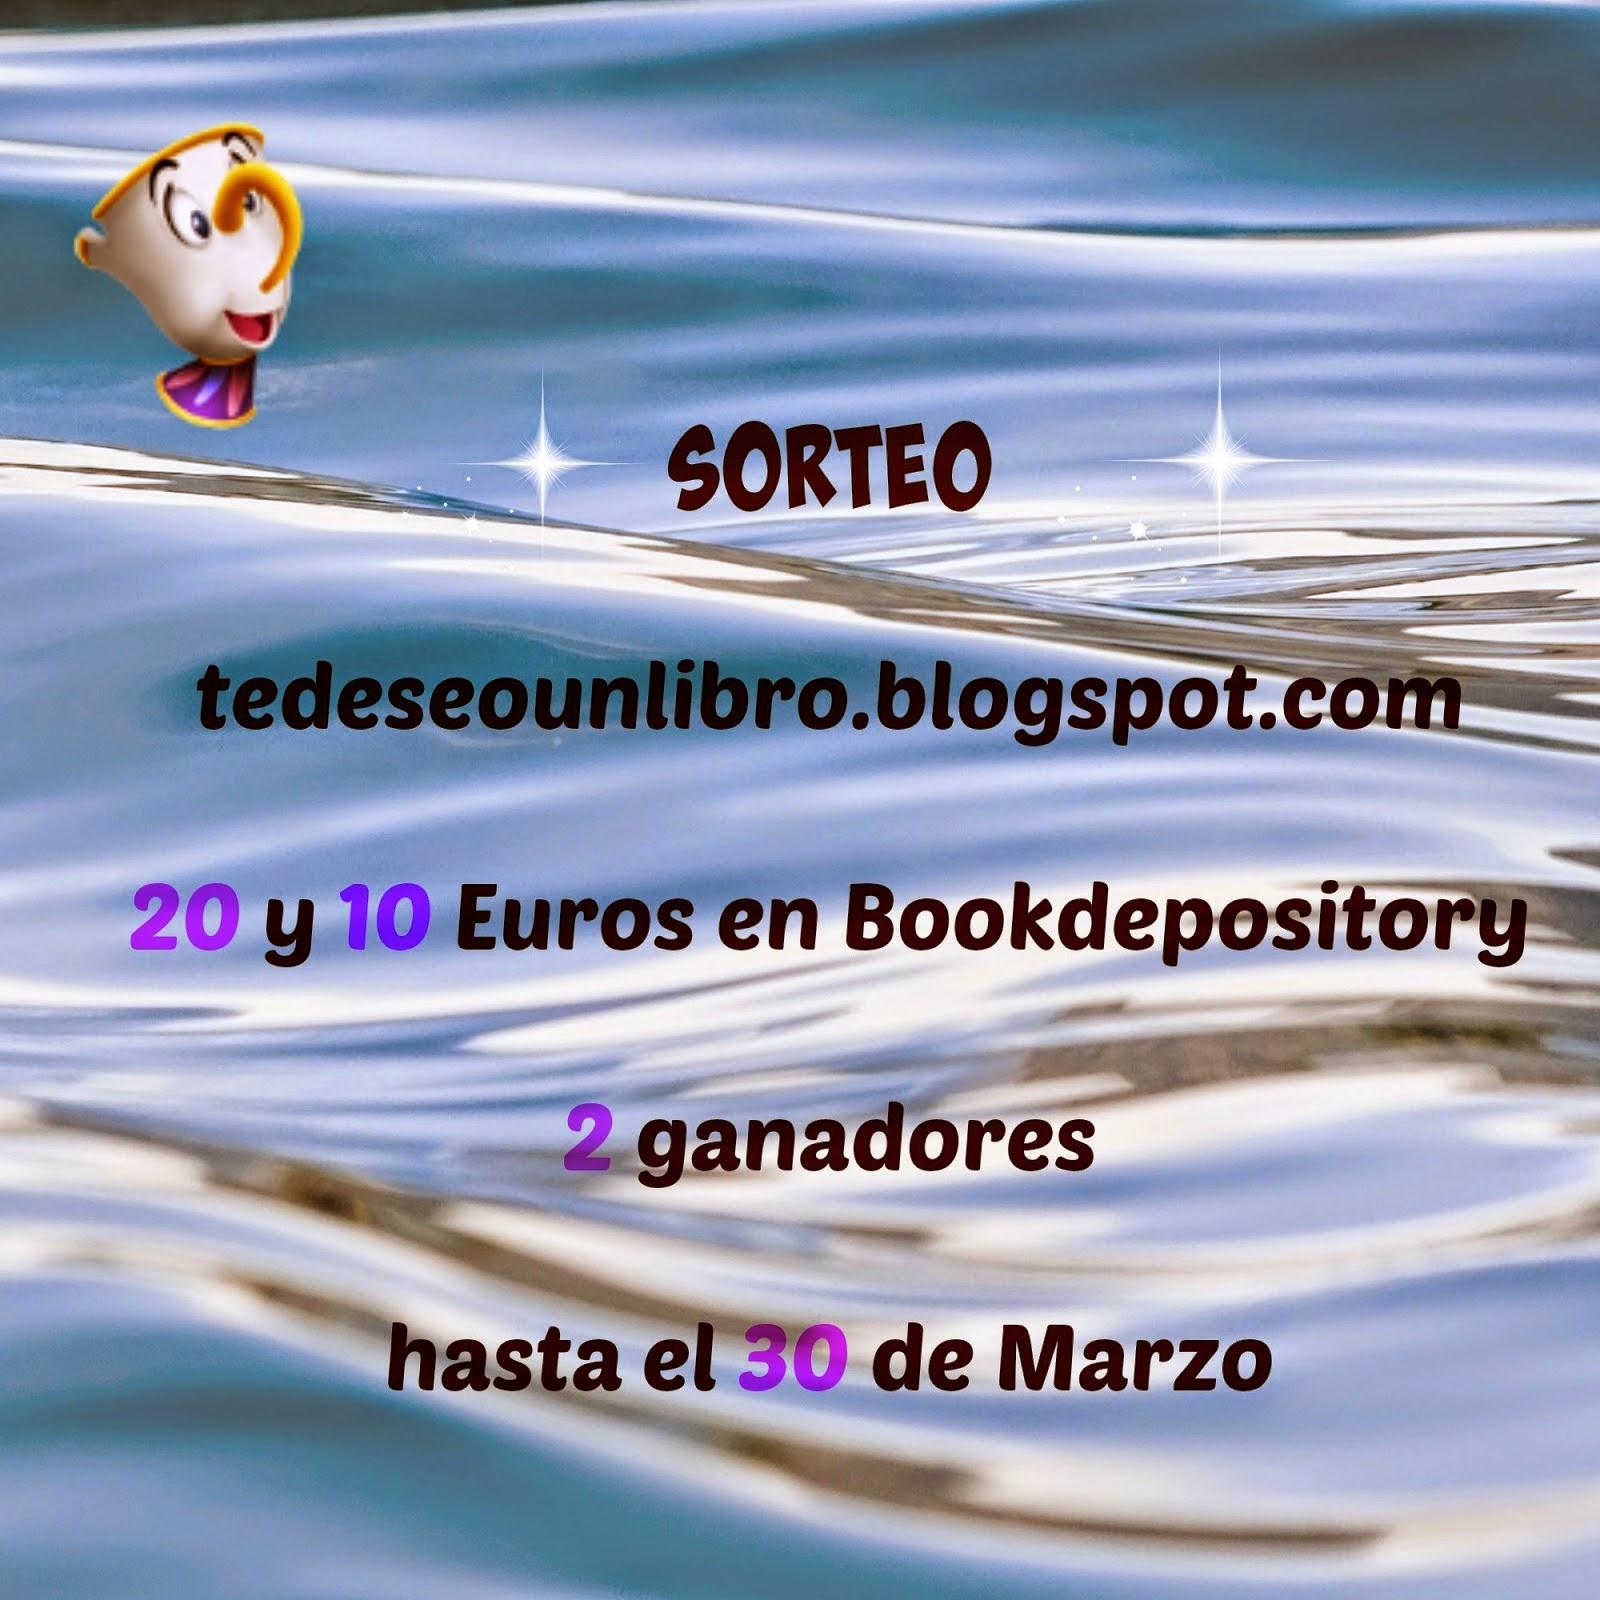 http://tedeseounlibro.blogspot.mx/2015/02/sorteo-internacional-500-seguidores.html